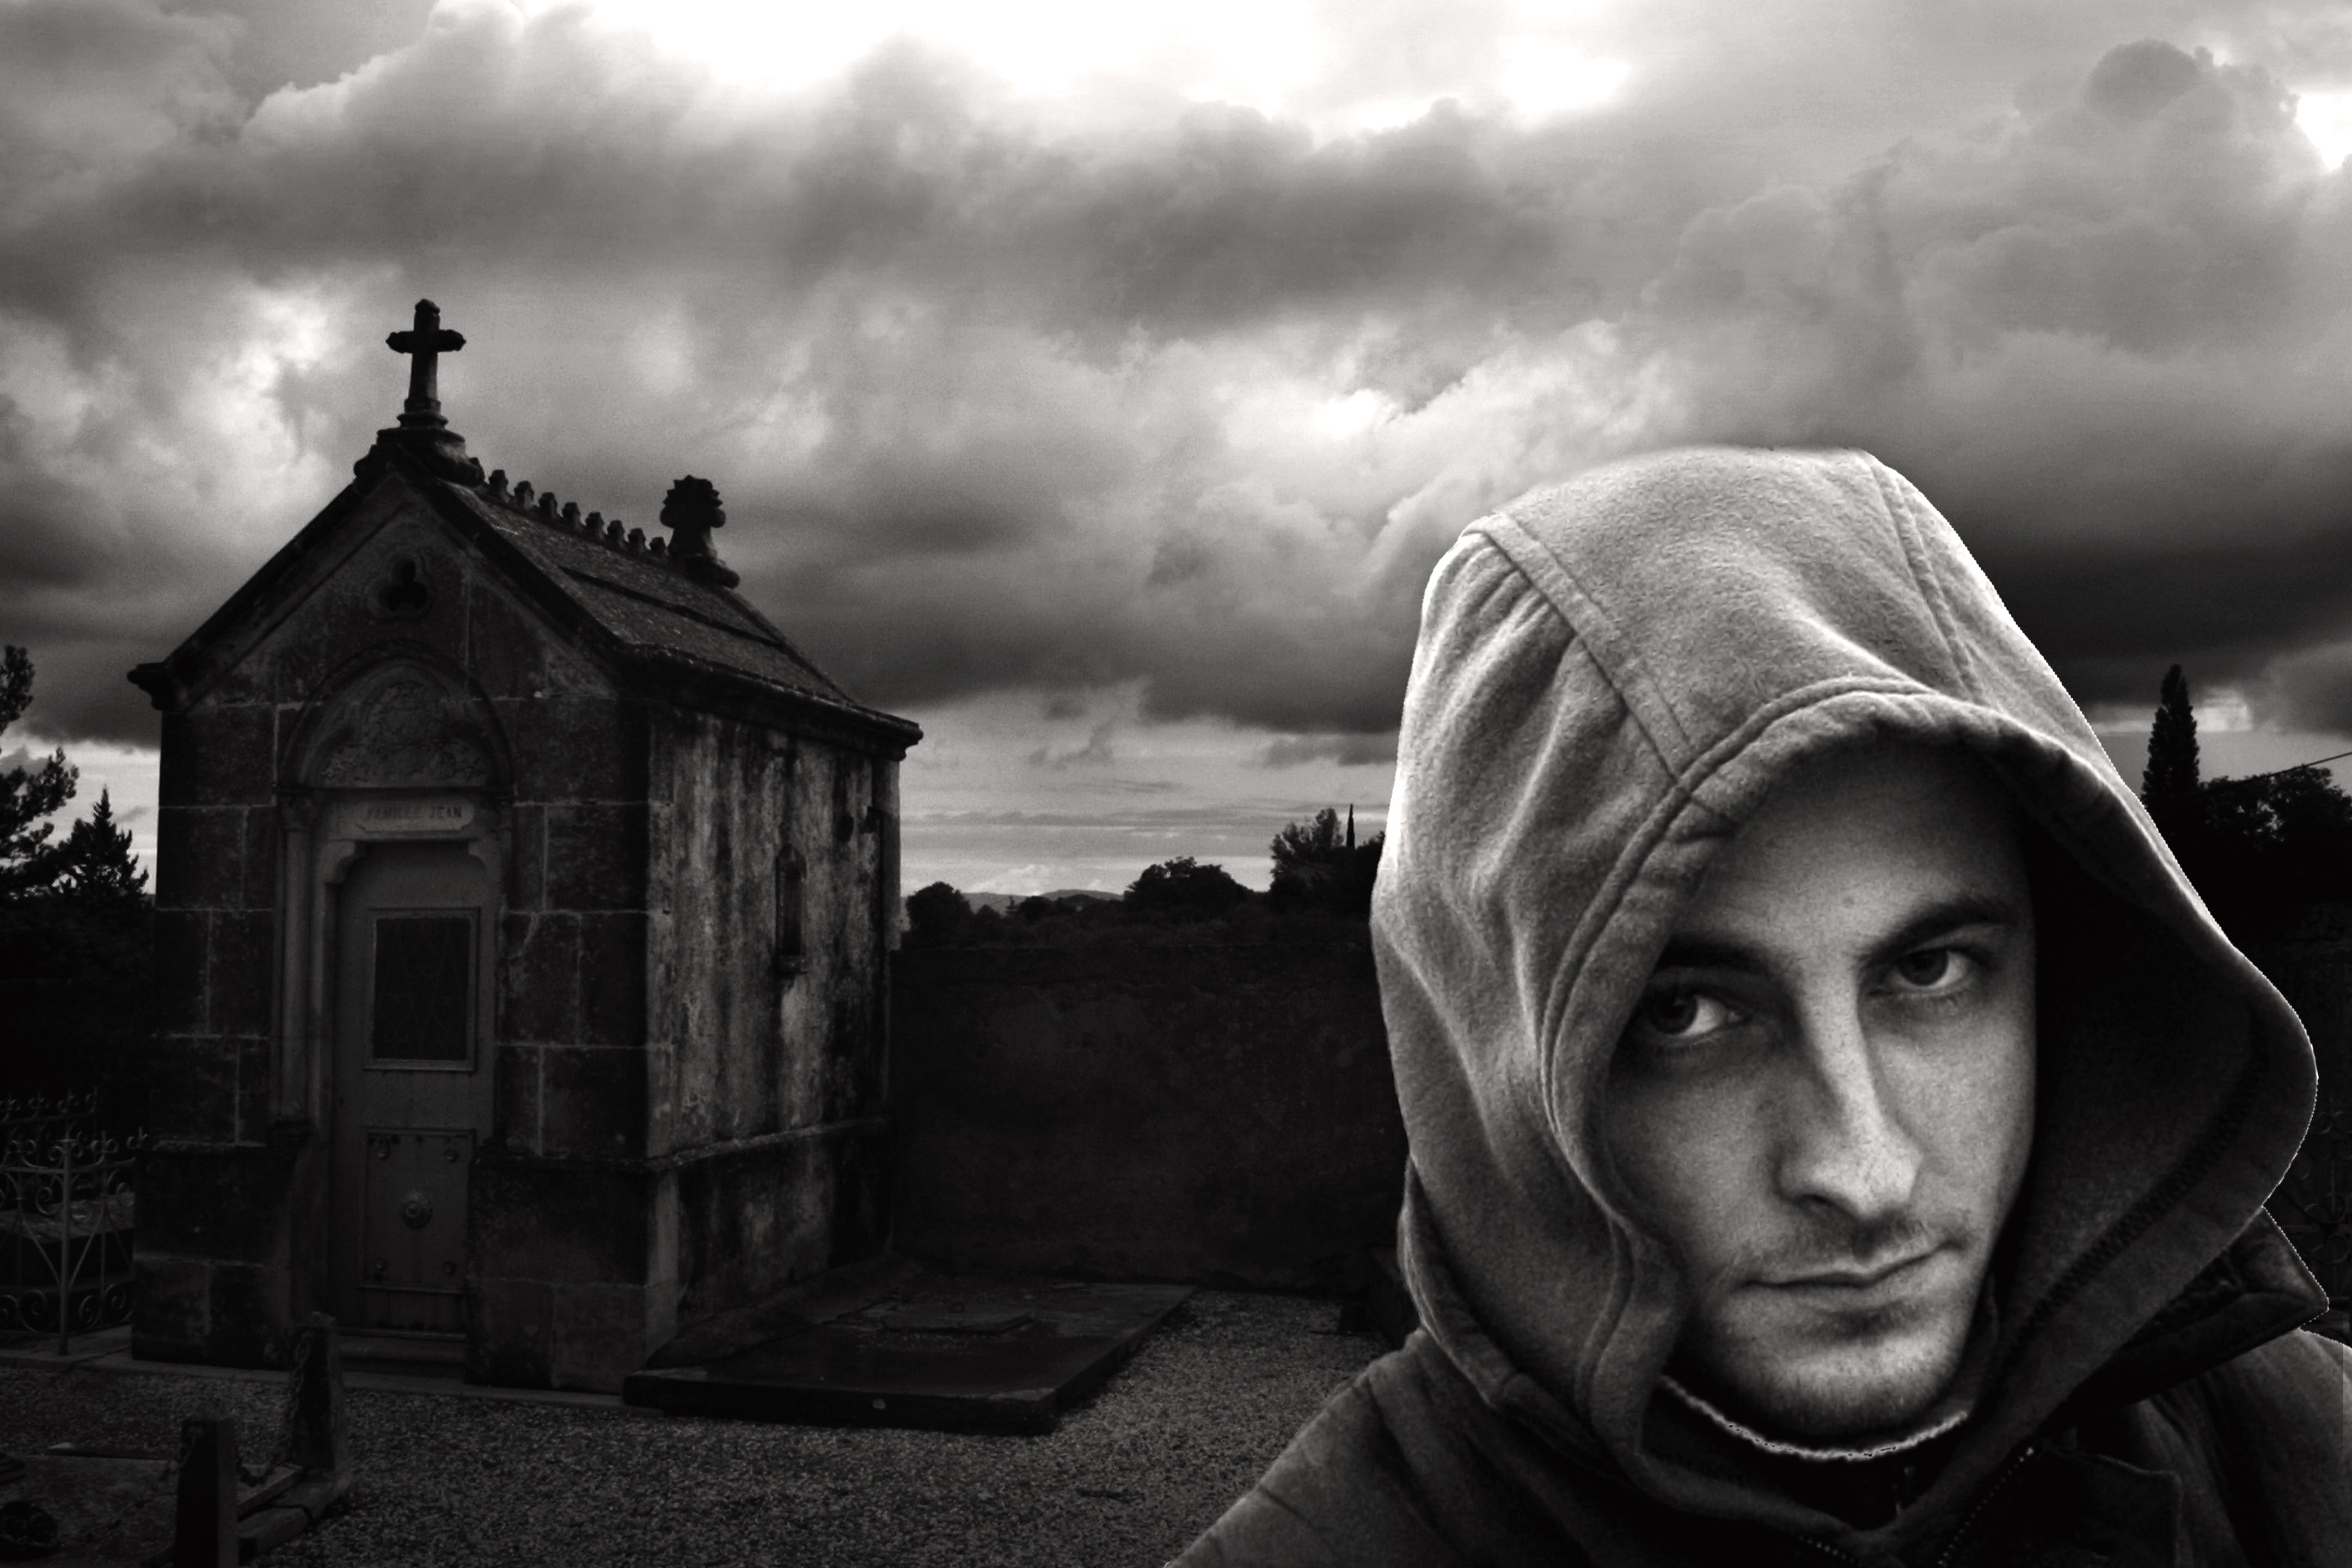 Kostenloses Stock Foto zu mann, mysteriös, porträt, schwarz und weiß